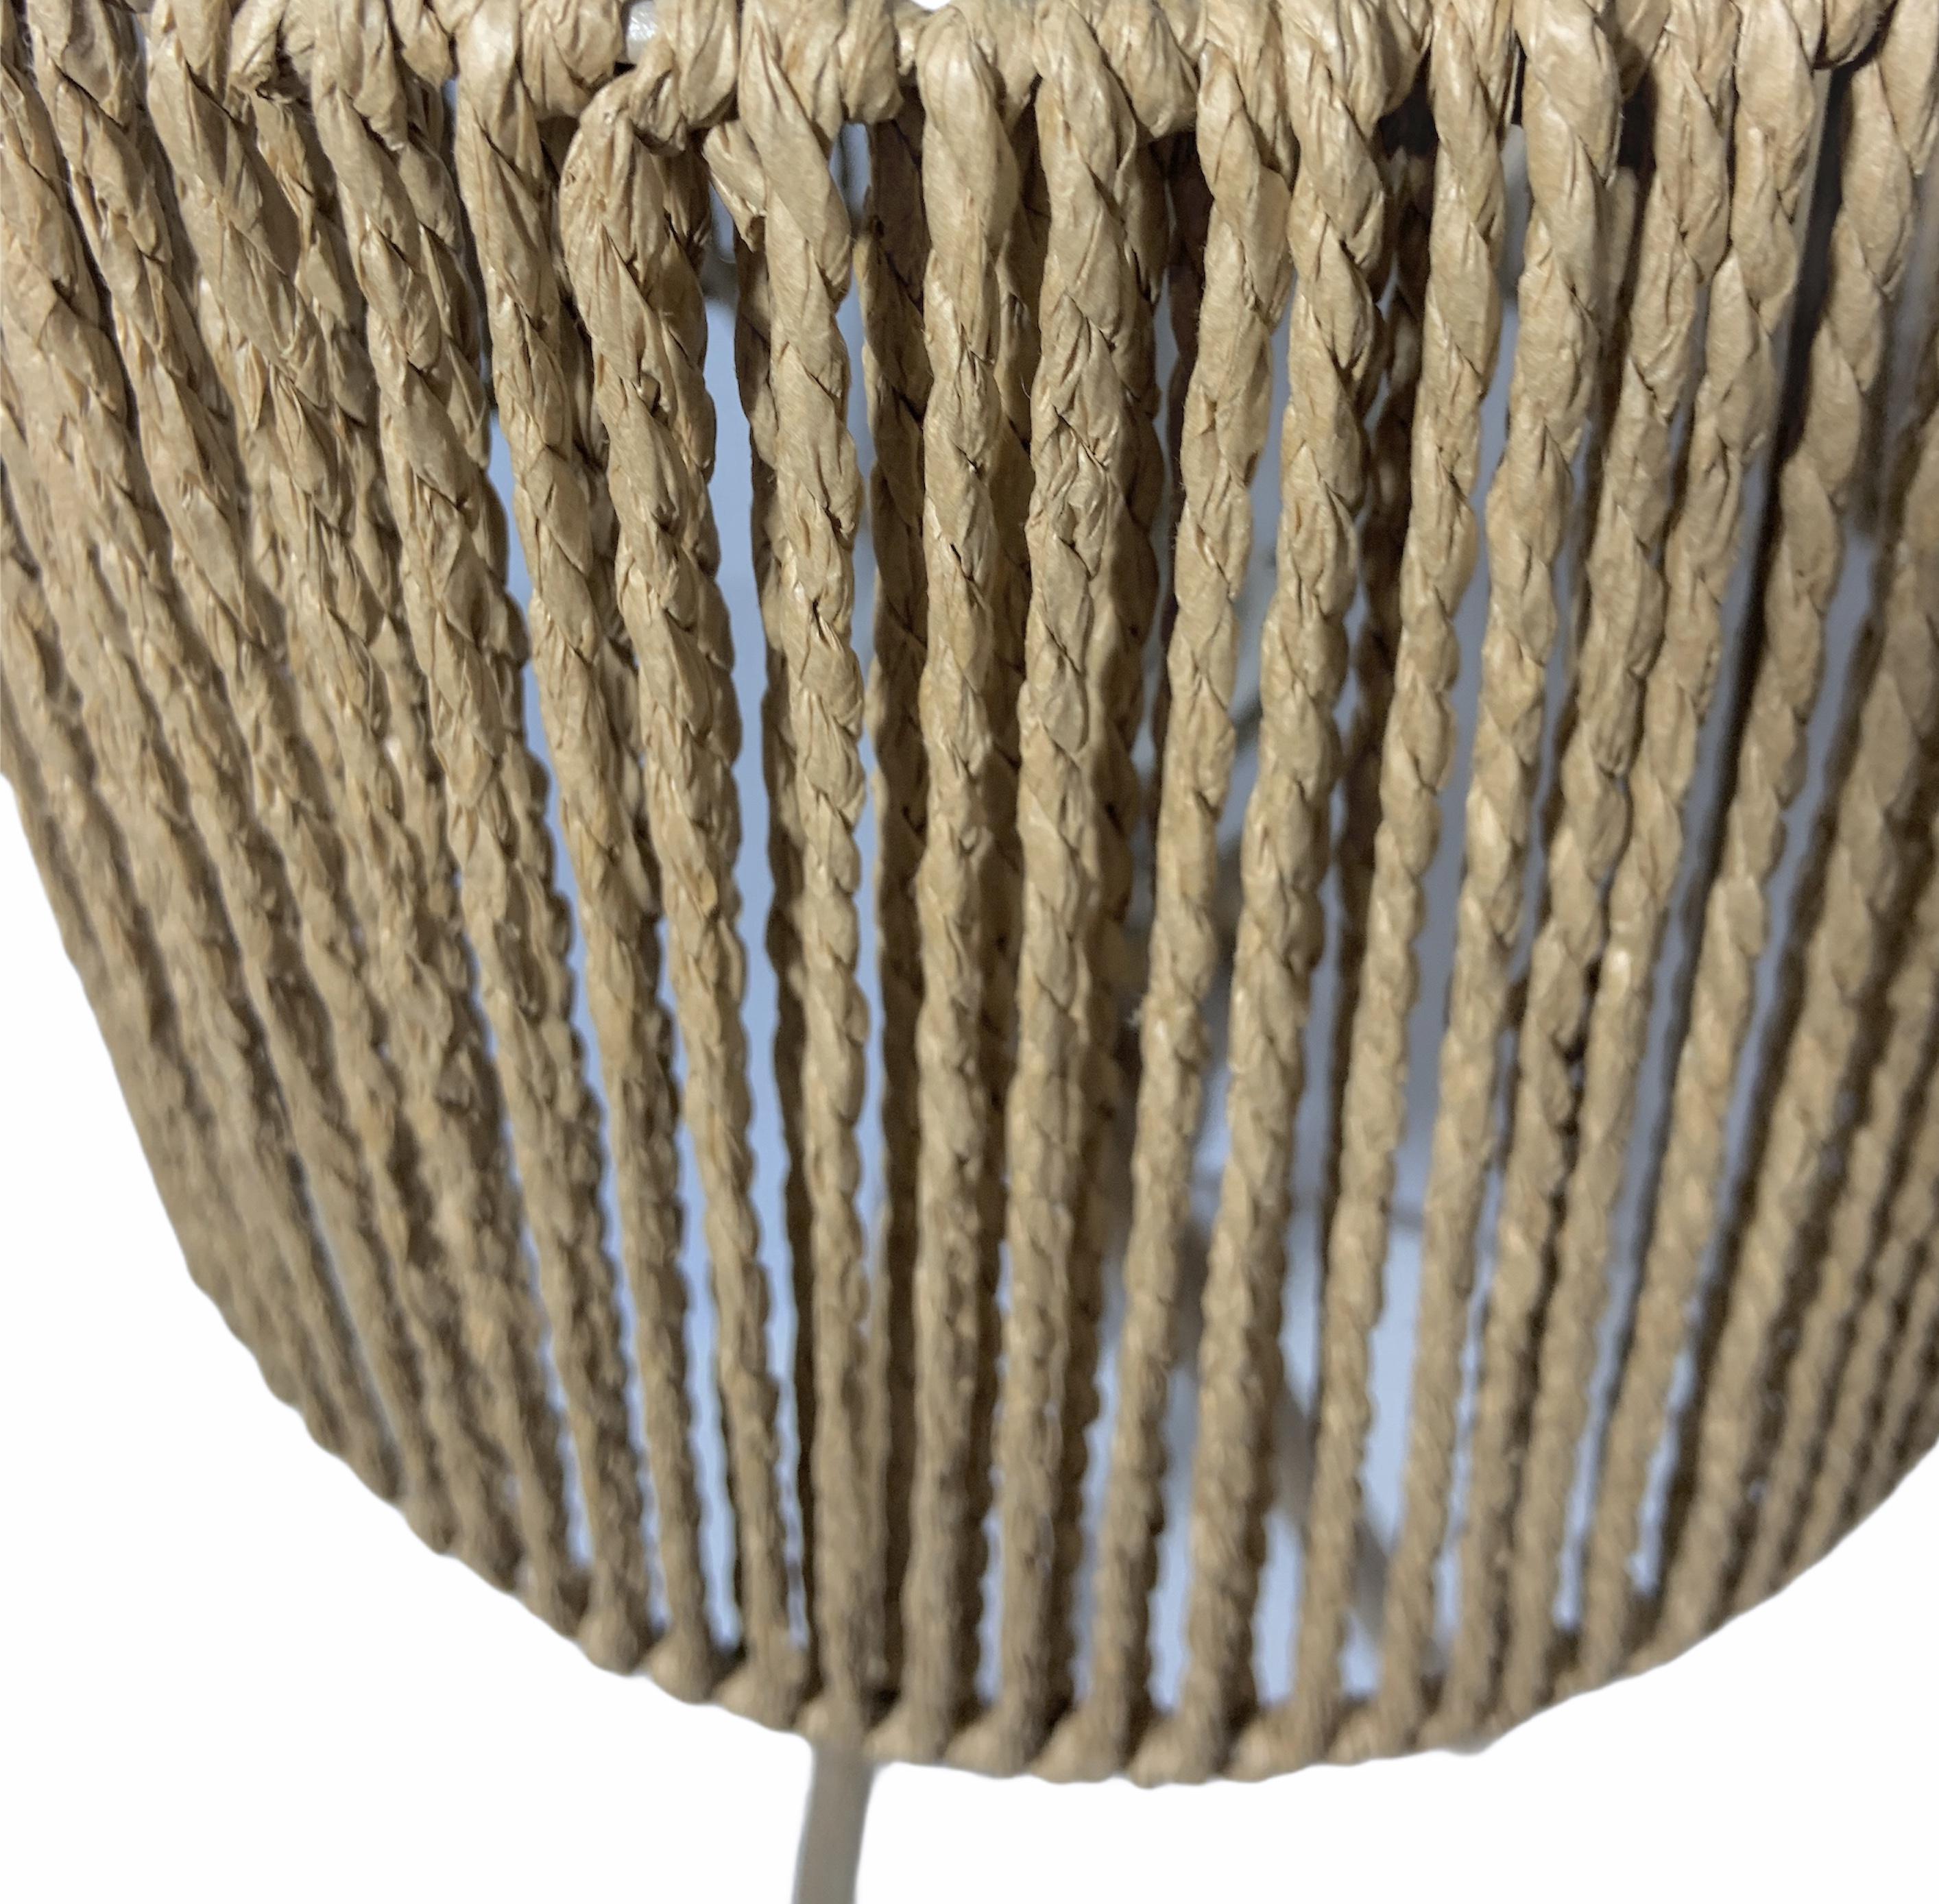 31657-lampara-sobremesa-cuerda-natural-2.jpeg